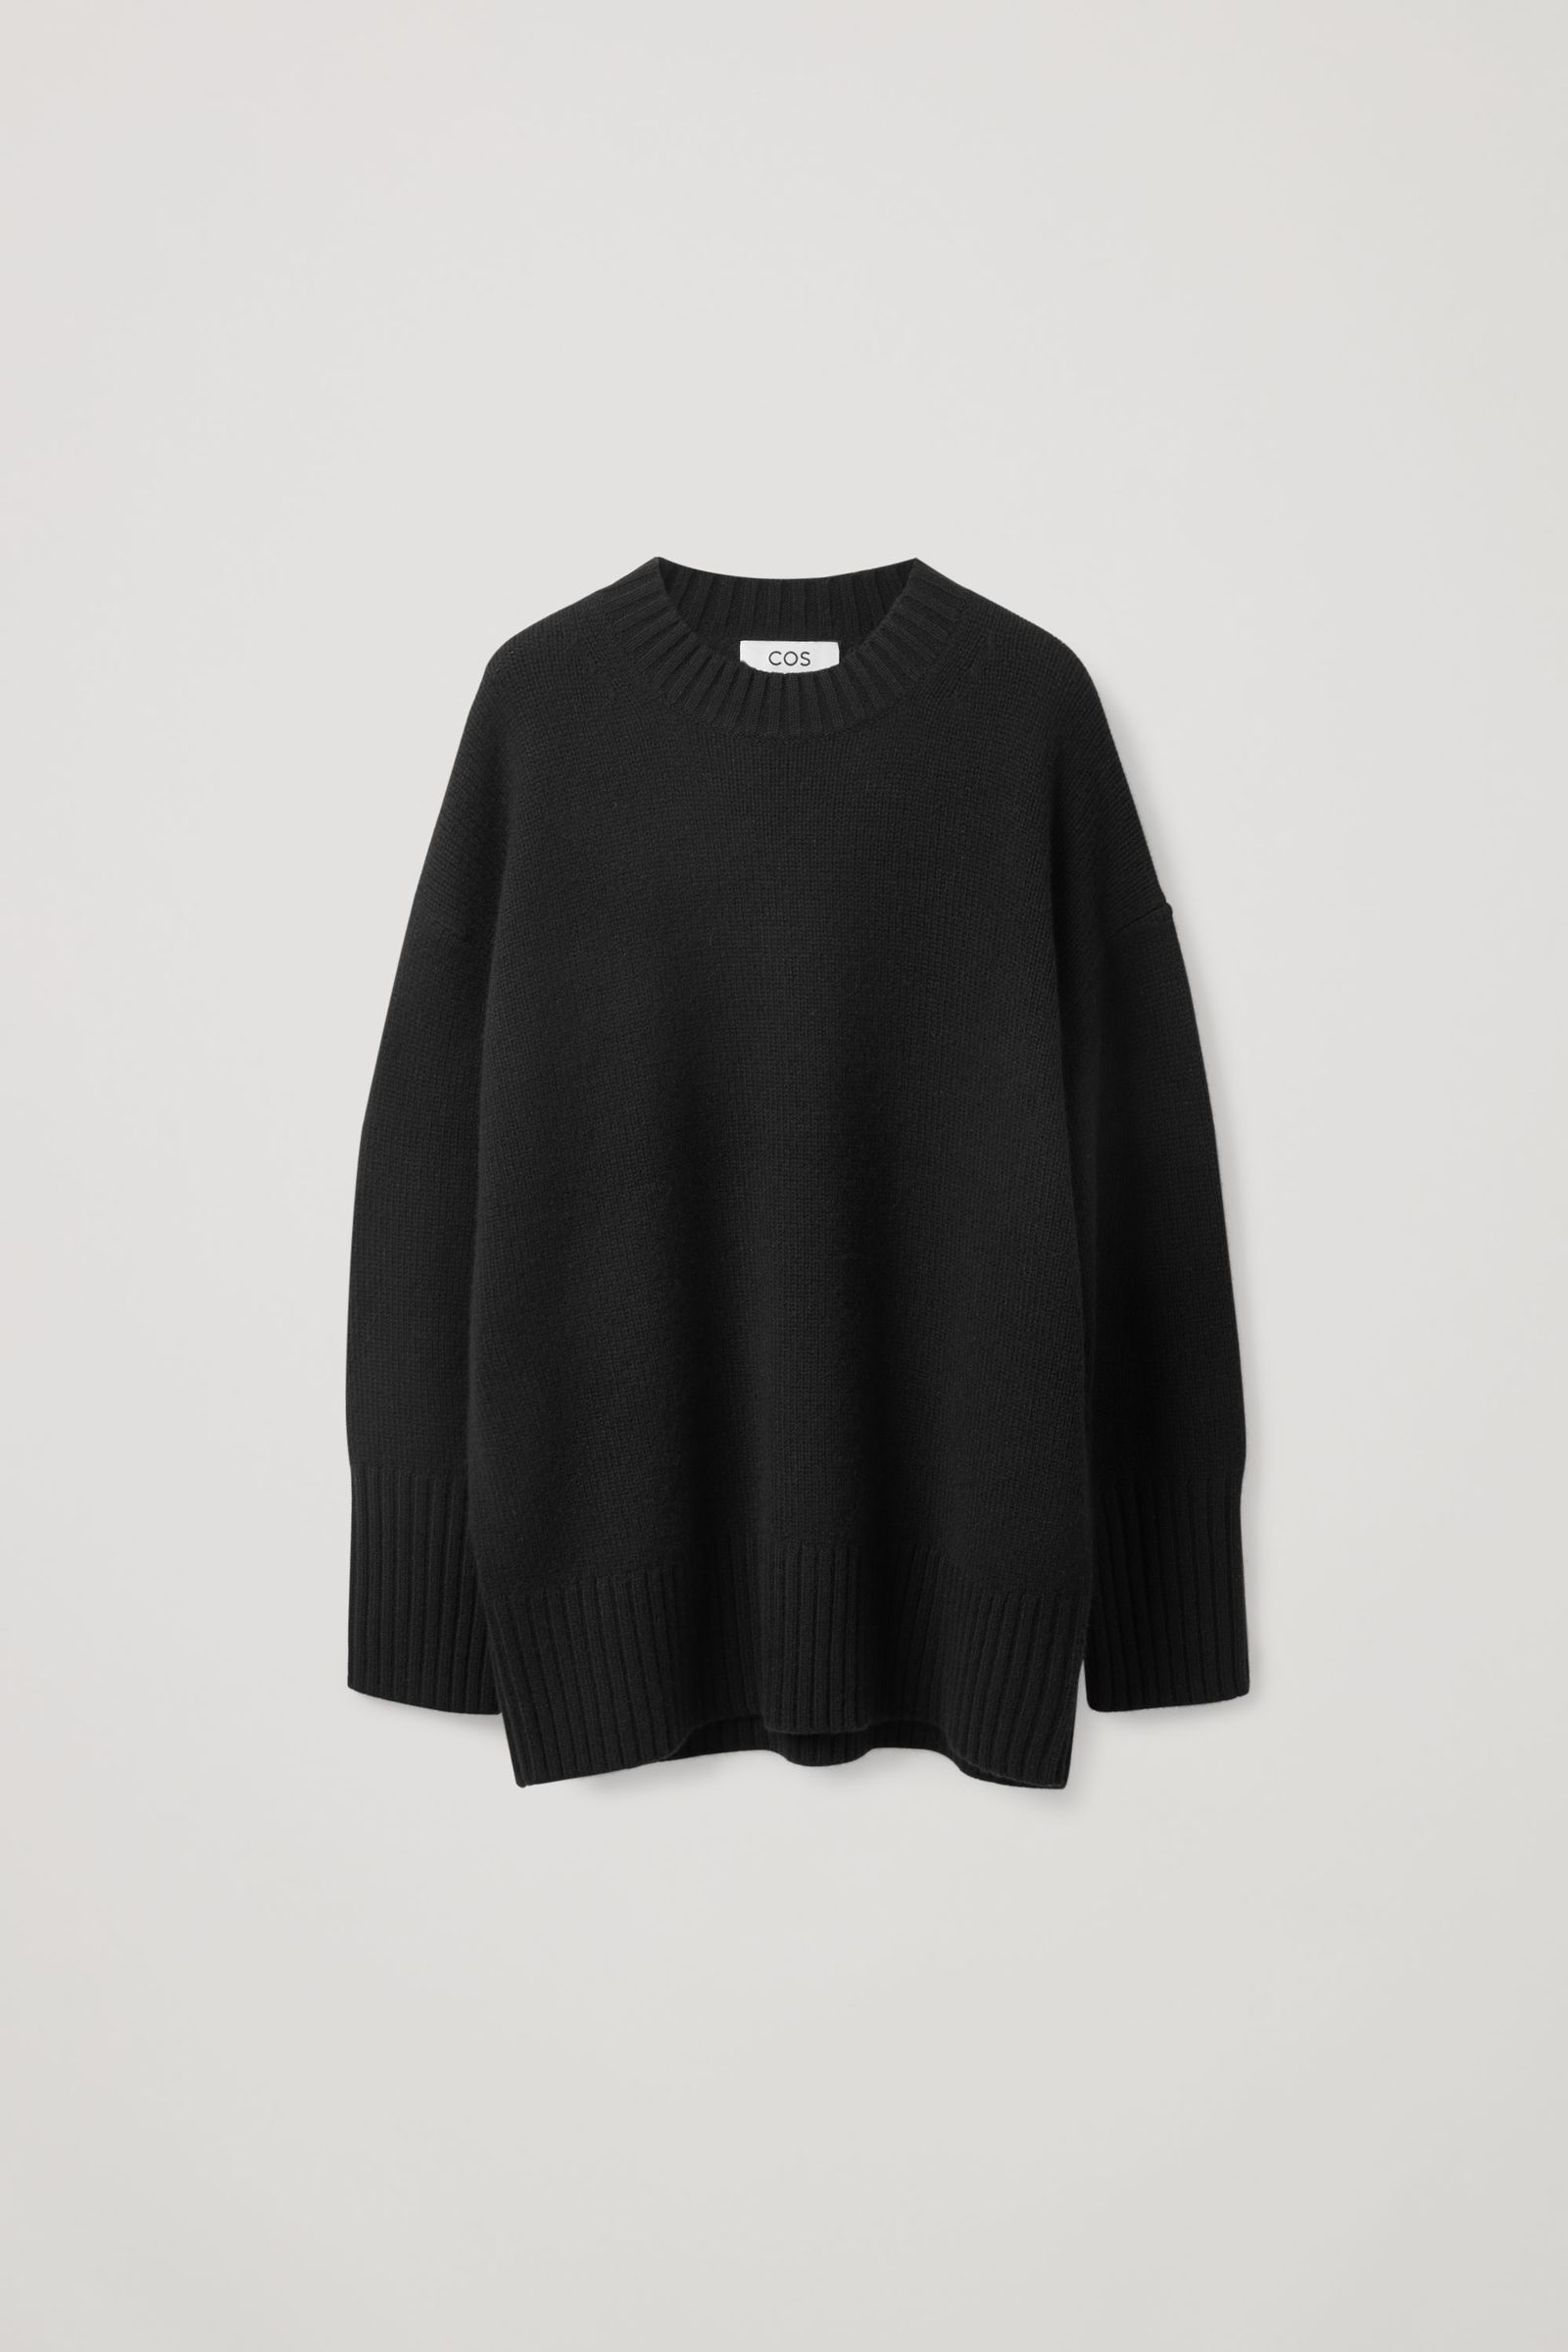 COS 오버사이즈 캐시미어 스웨터의 블랙컬러 Product입니다.